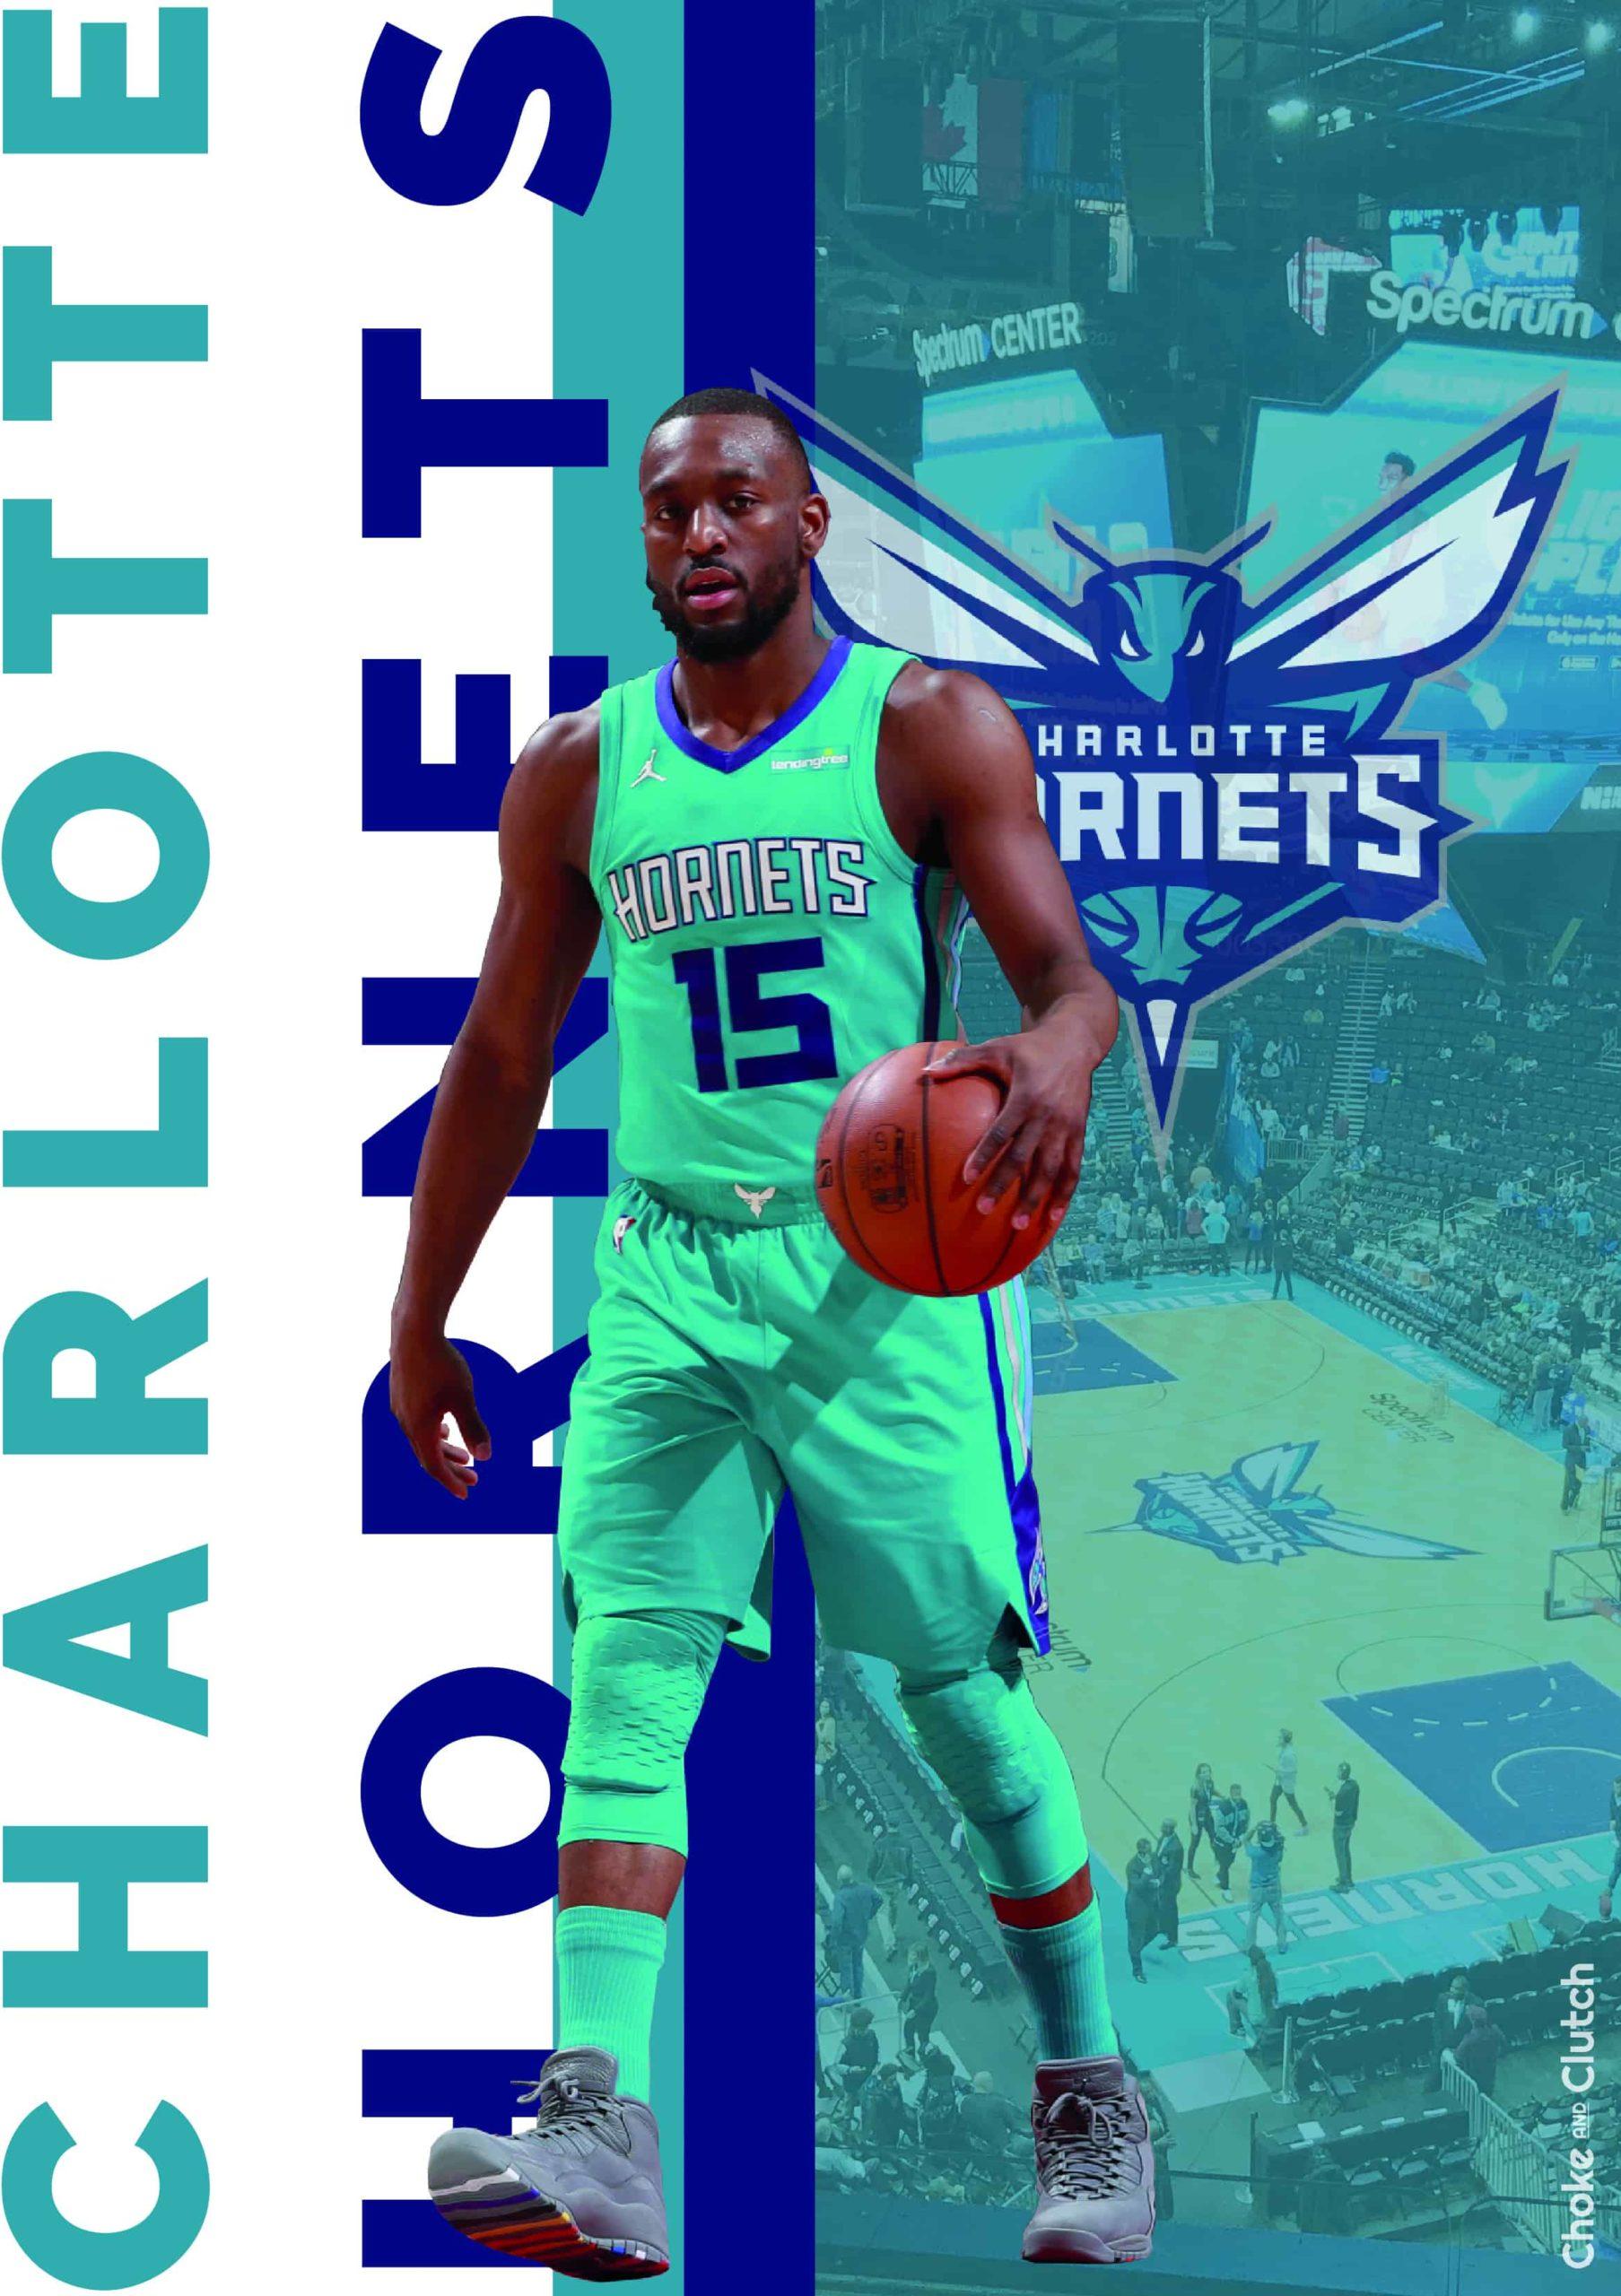 Histoire de la franchise NBA des Hornets de Charlotte